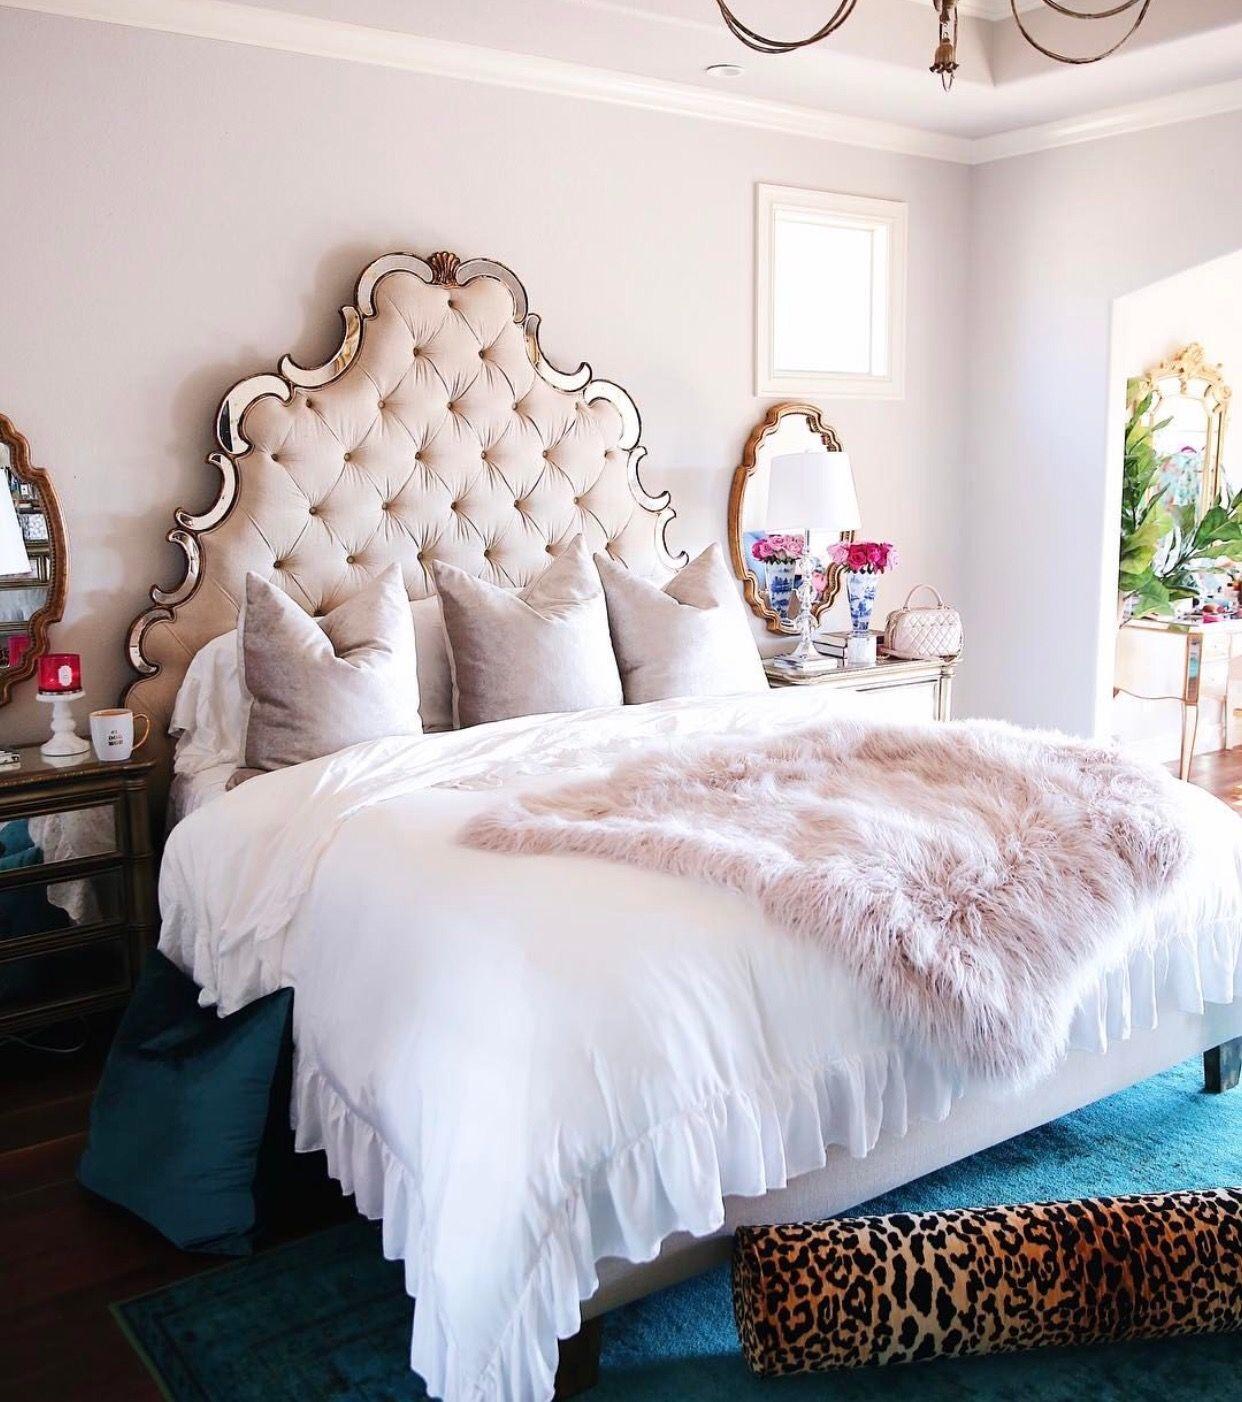 Pin de regina b en rec maras decoraci n de habitaciones for Decoracion de habitaciones principales